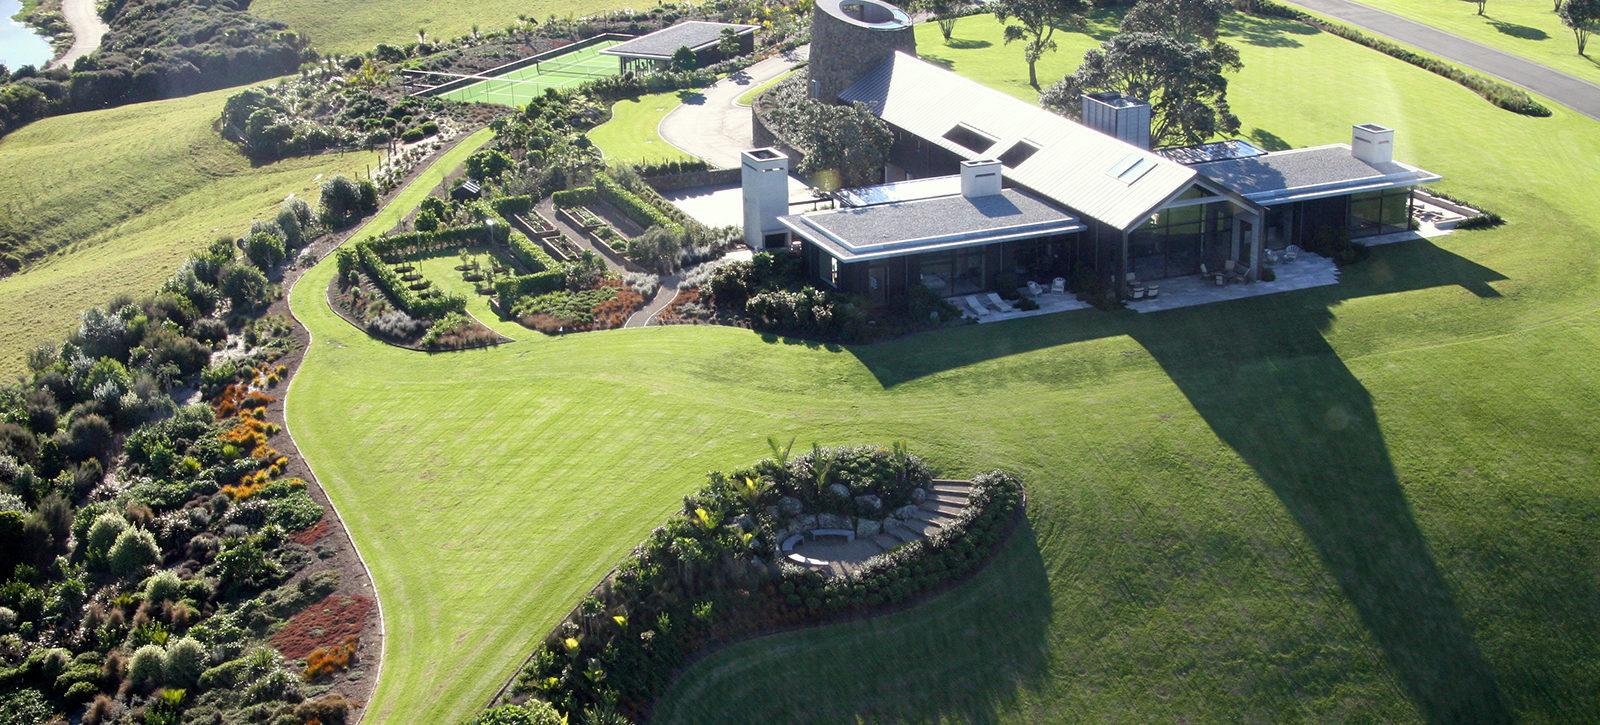 Hawthorn Landscape Architects design services